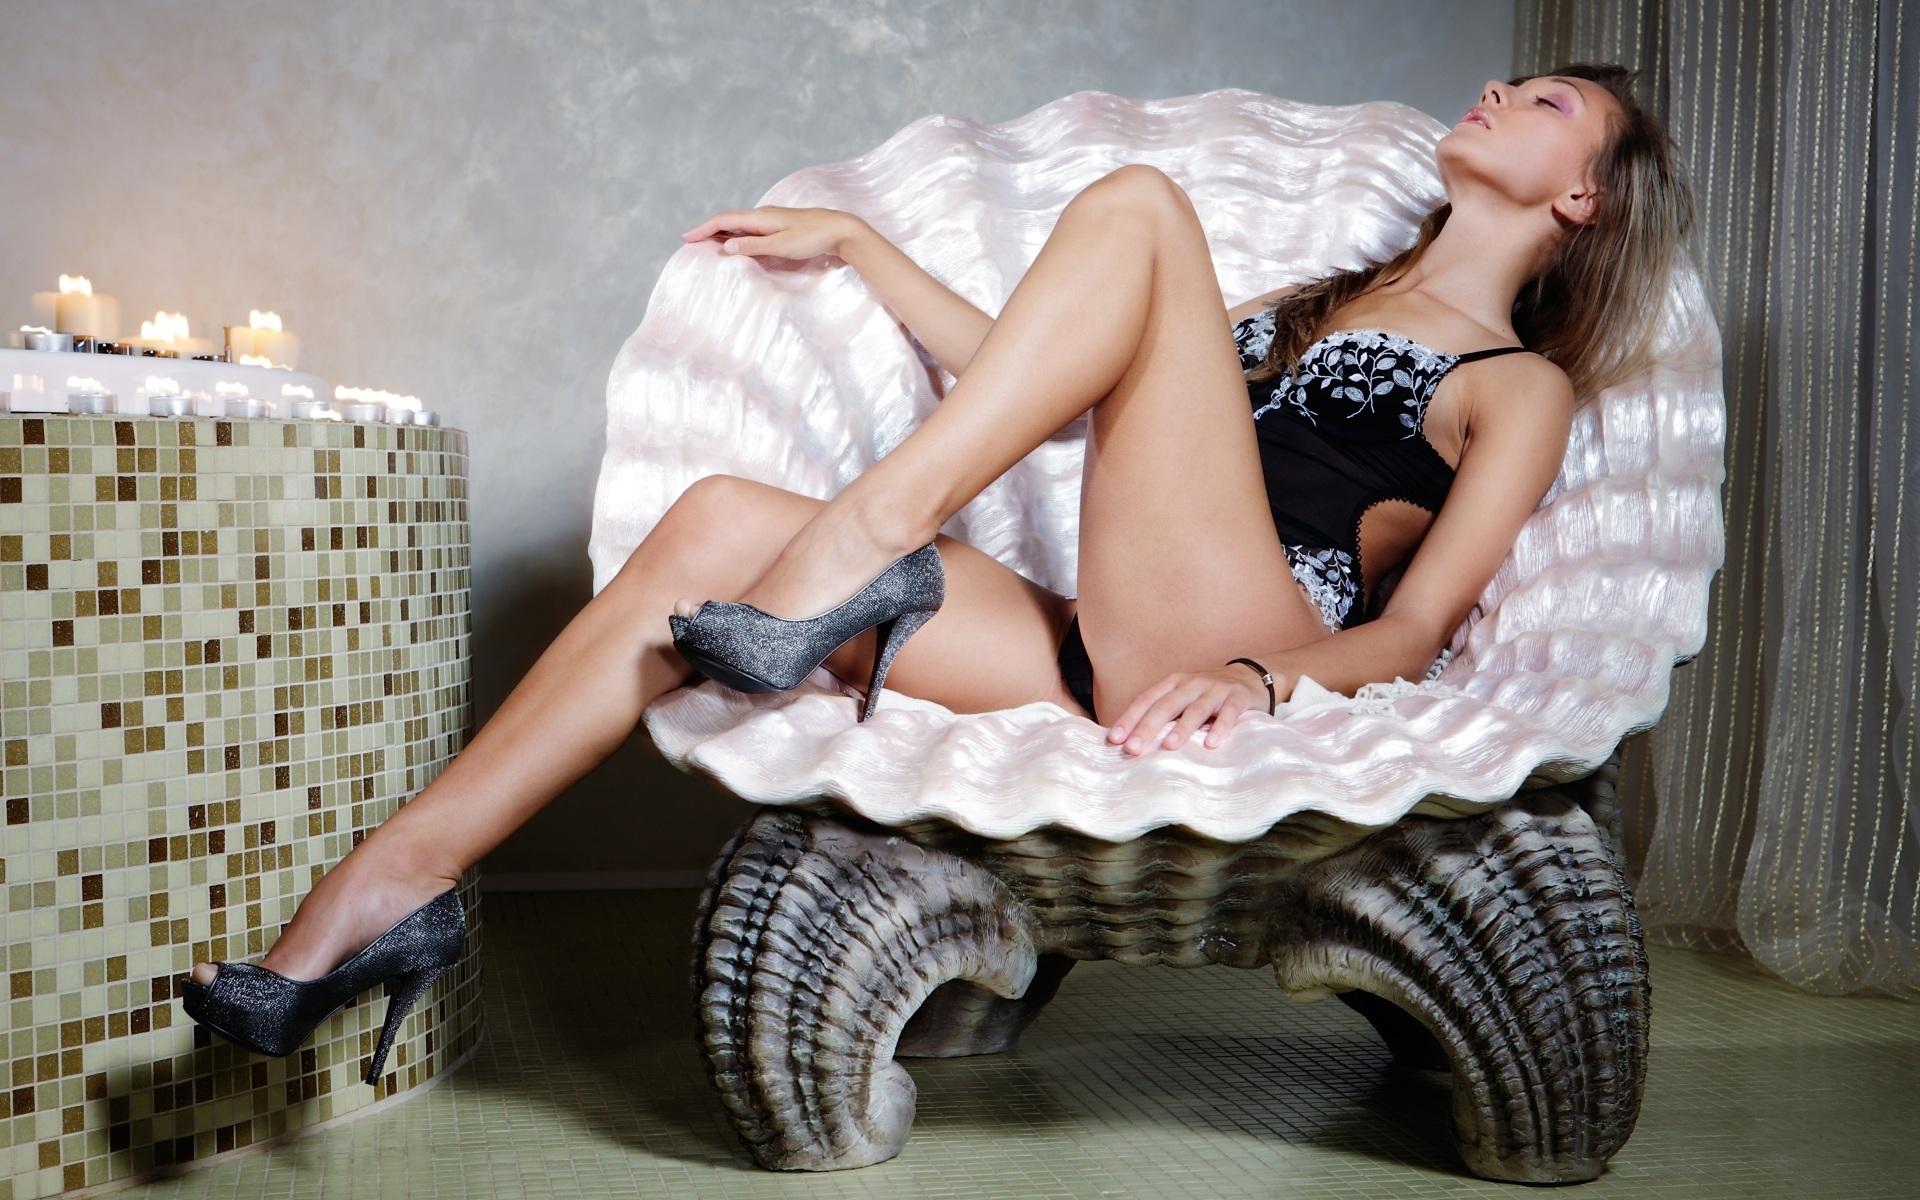 Худощавая европейка раздевается у плетённого кресла  315151